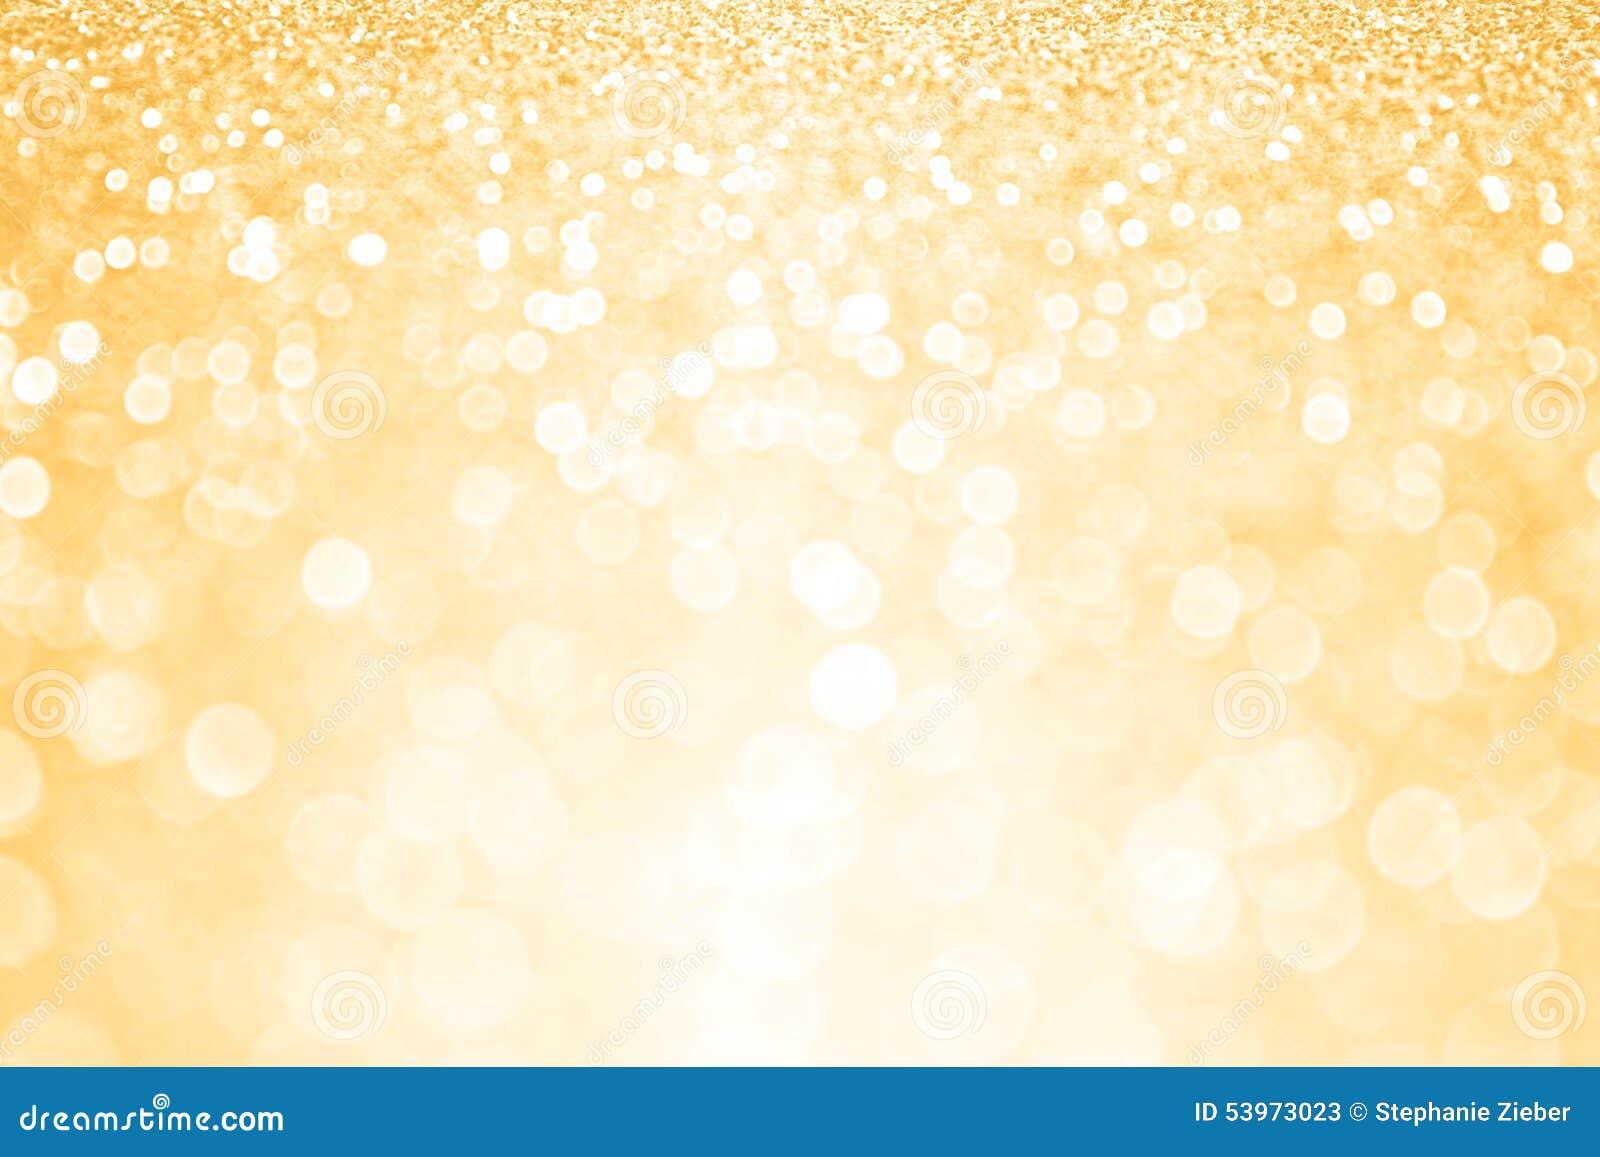 Fondo de oro de la fiesta de cumpleaños